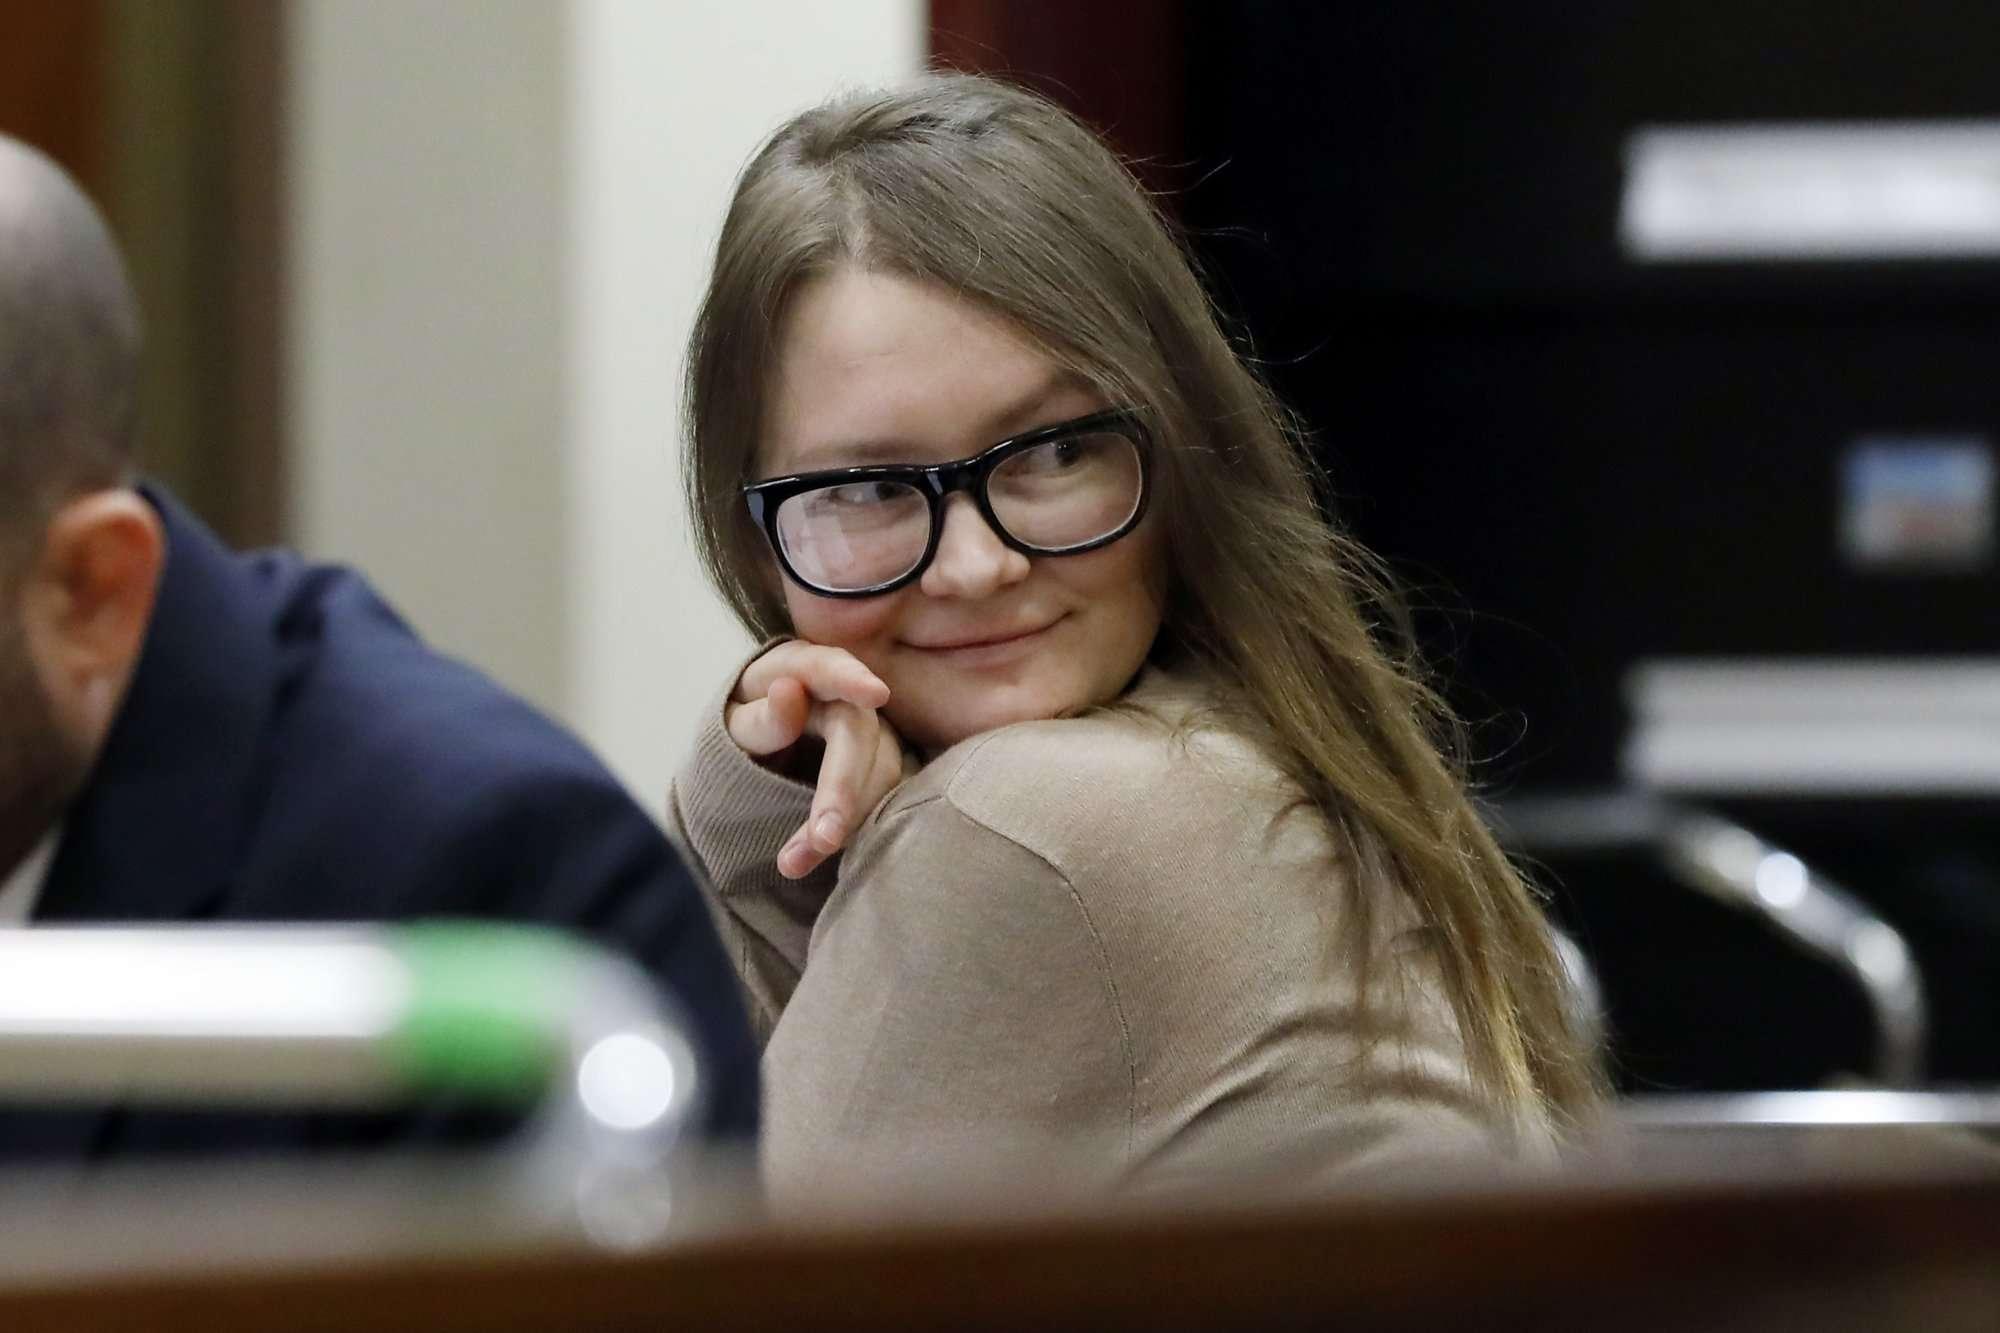 Anna Sorokin se sienta en la mesa de la defensa en la Corte Suprema del Estado de Nueva York, en Nueva York, el miércoles 27 de marzo de 2019. Sorokin, quien afirmó ser una heredera alemana, está siendo juzgada por cargos de hurto y robo de servicios. AP